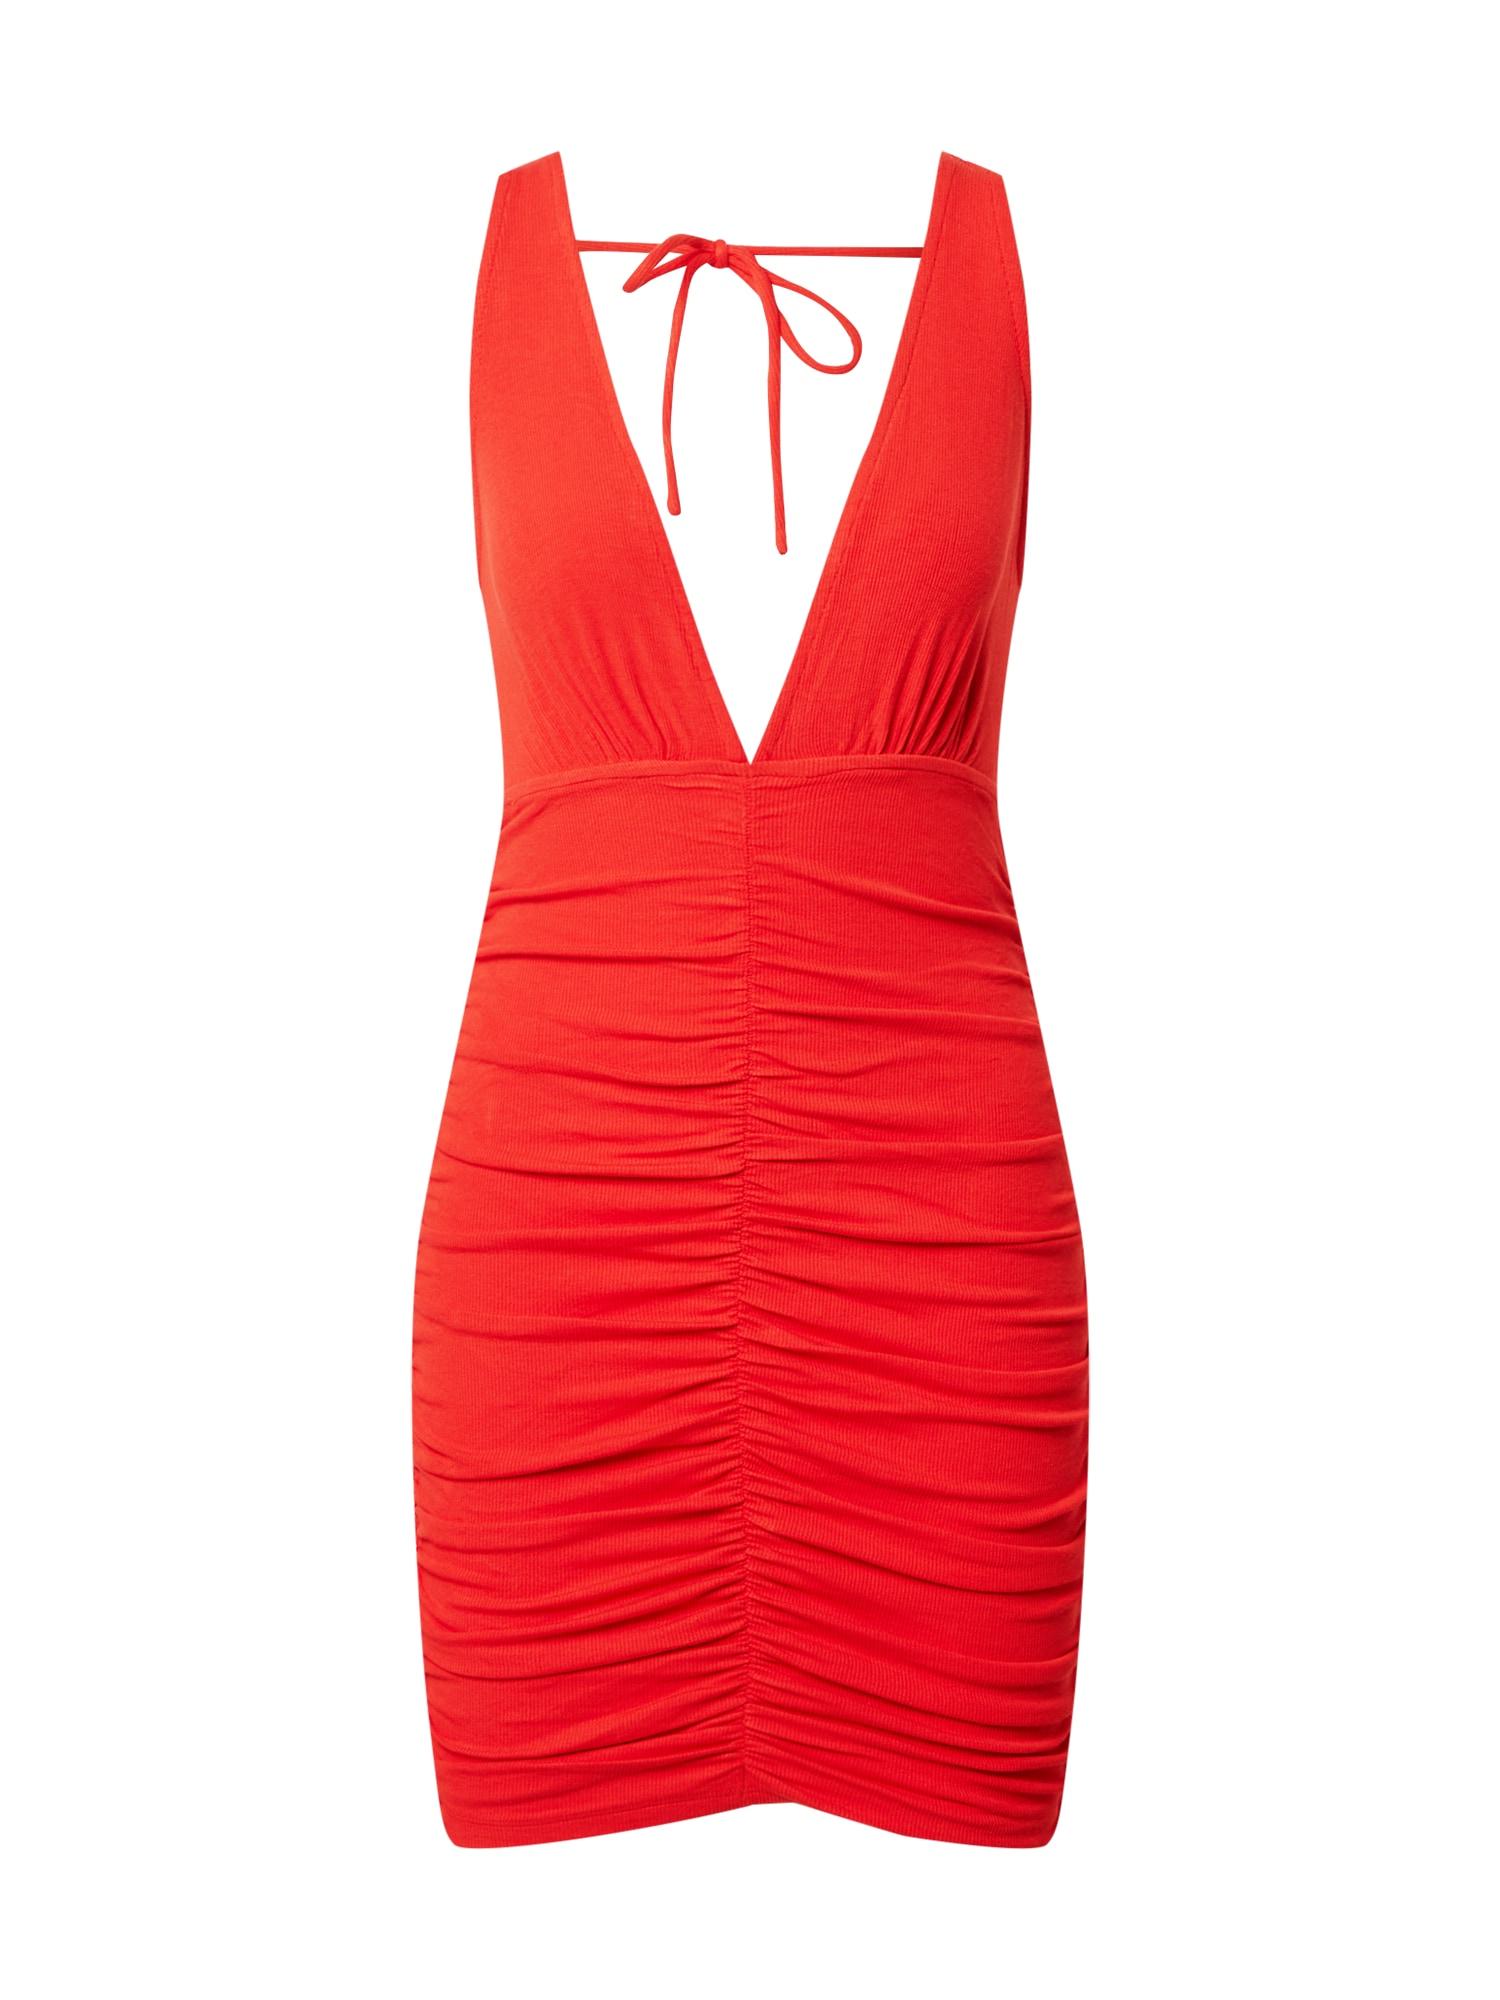 Parallel Lines Suknelė ugnies raudona